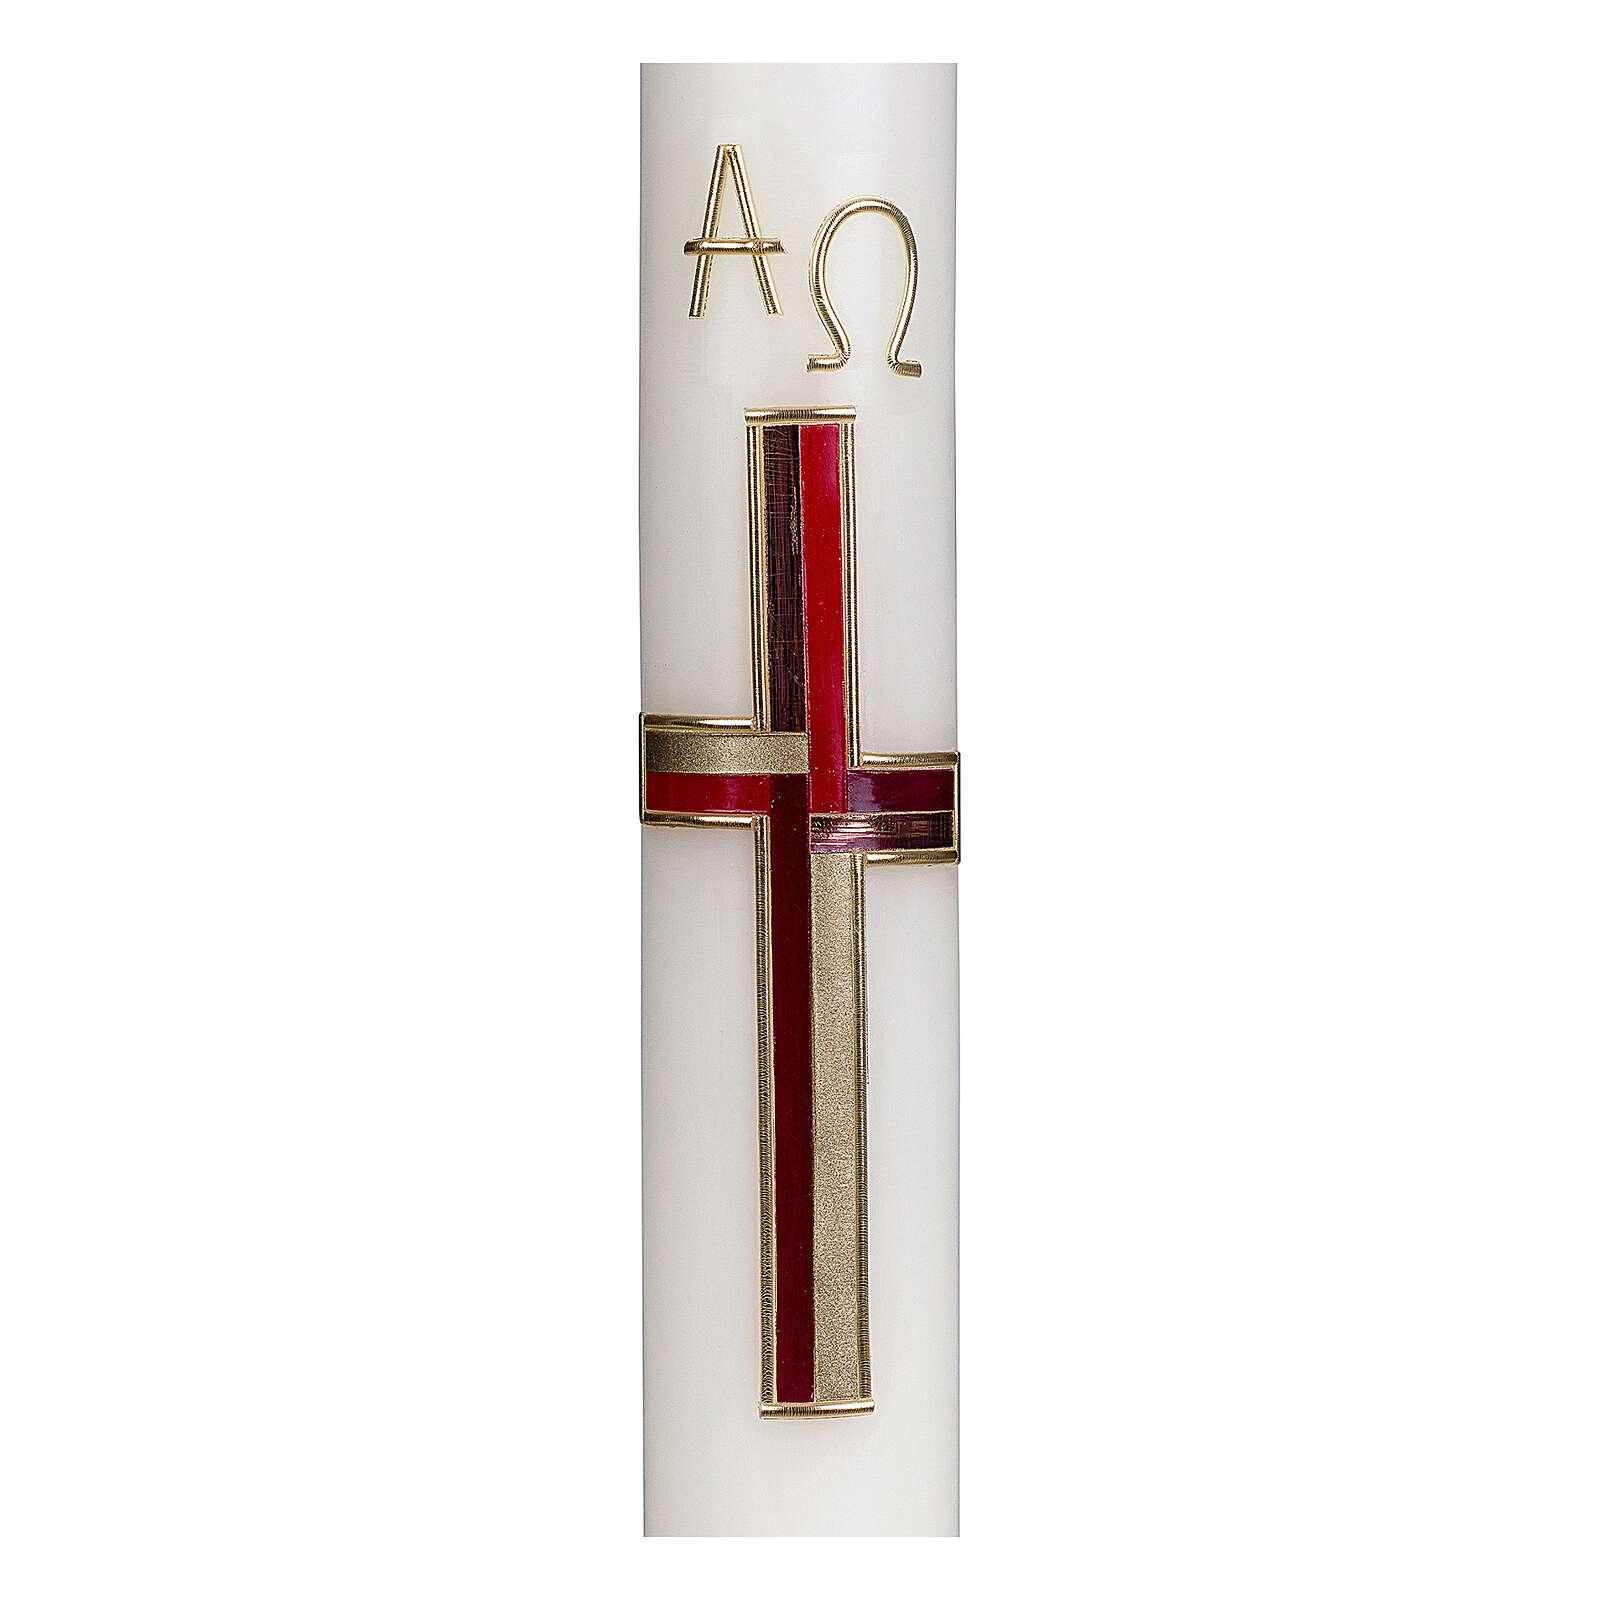 Bougie pascale croix rouge or 40x6 cm cire abeille 3